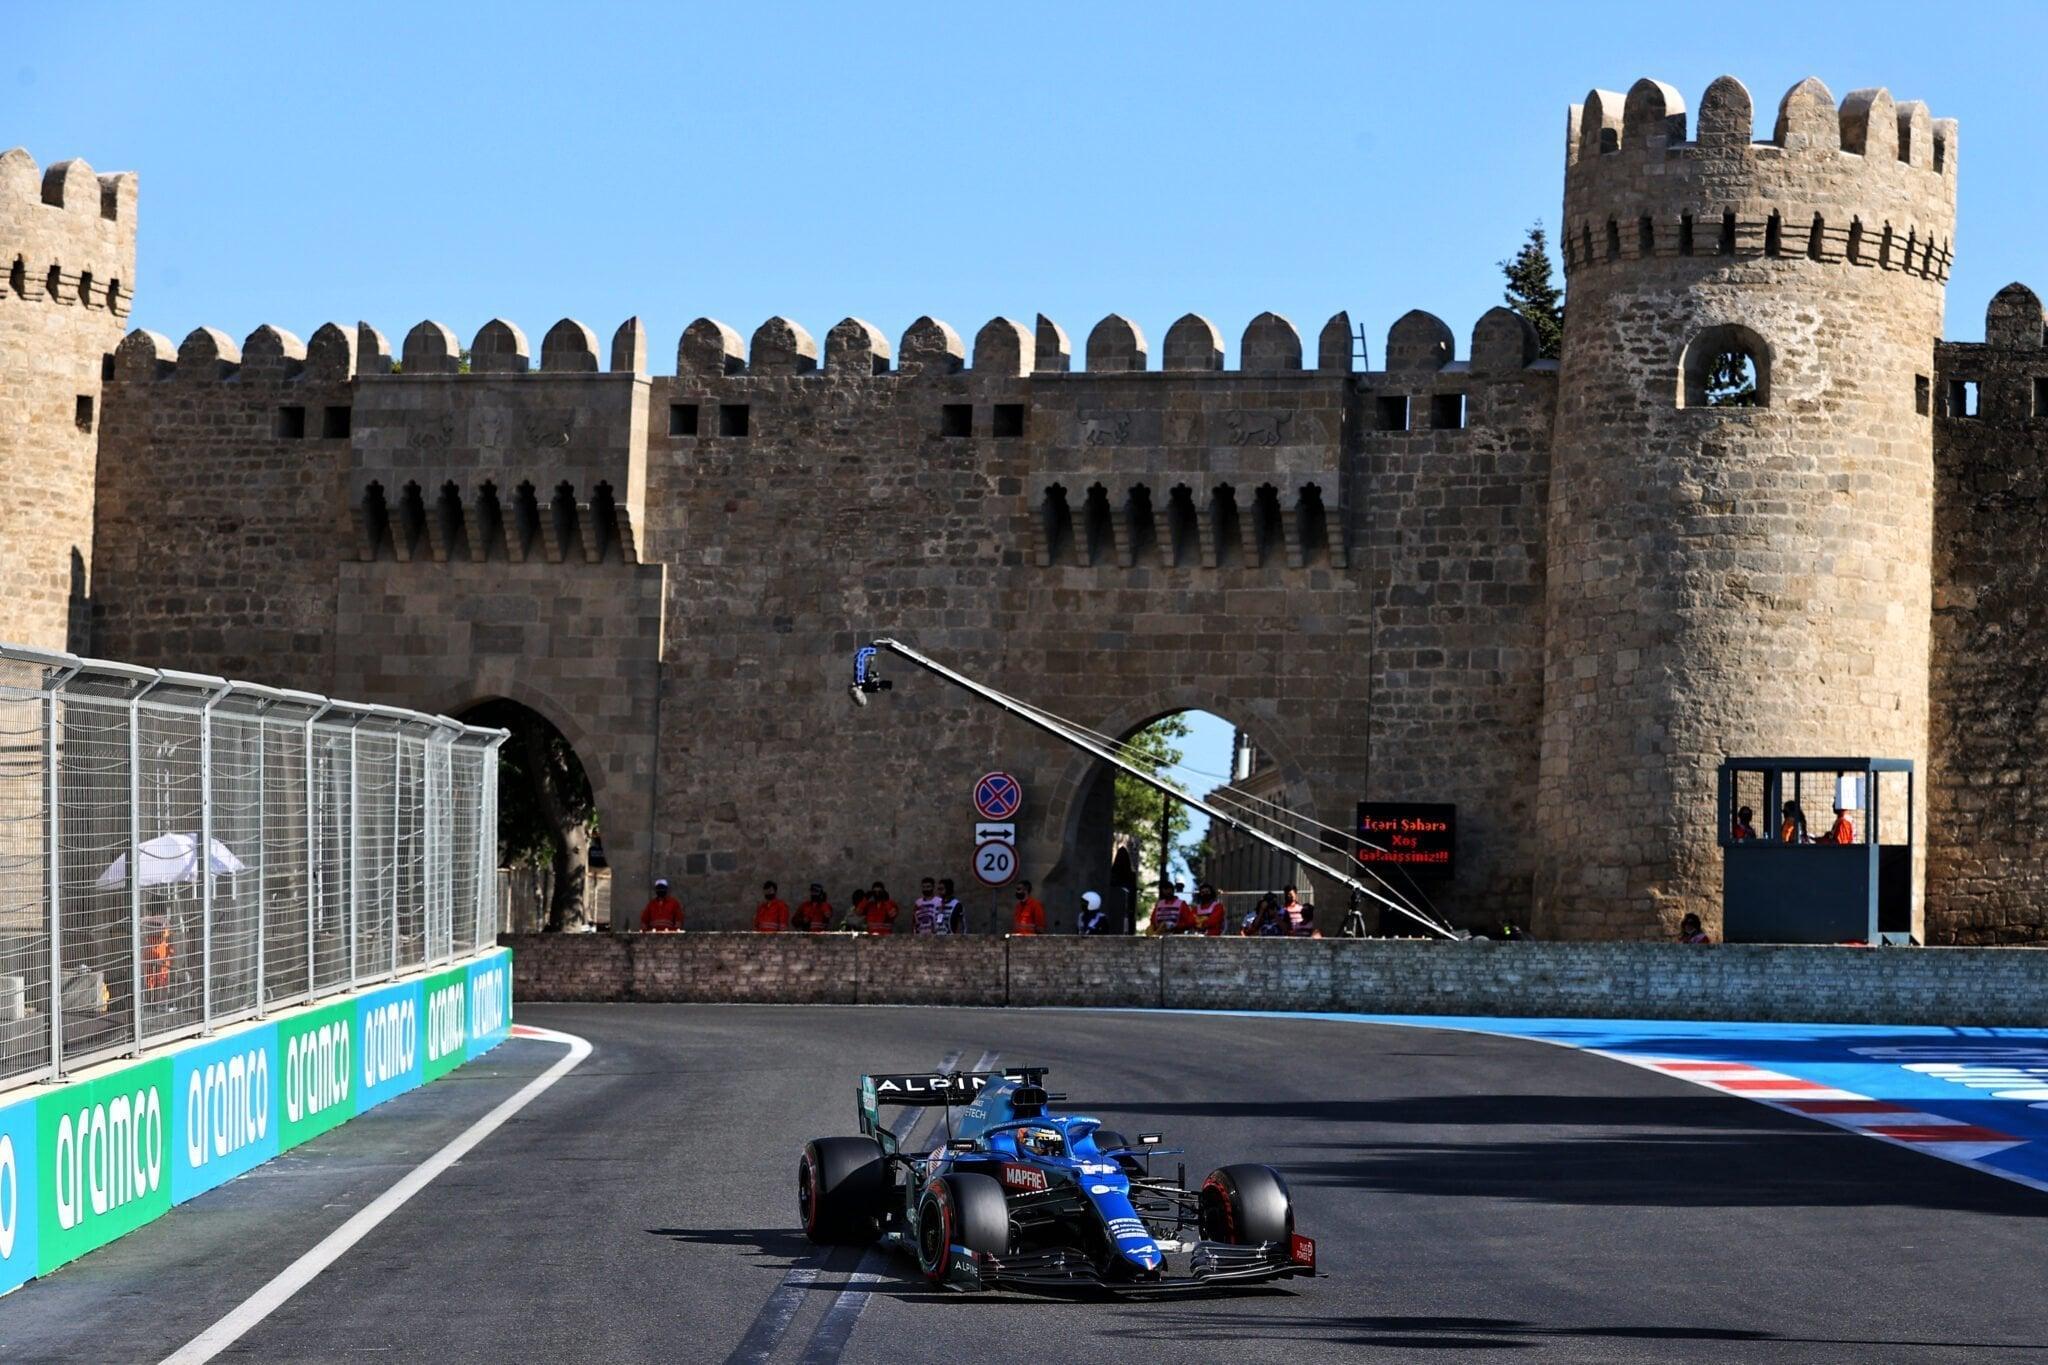 Alpine F1 Azebaijan Grand Prix Baku Alonso Ocon 2021 19   Alonso offre huit précieux points à Alpine F1 Team sur l'épreuve de Bakou